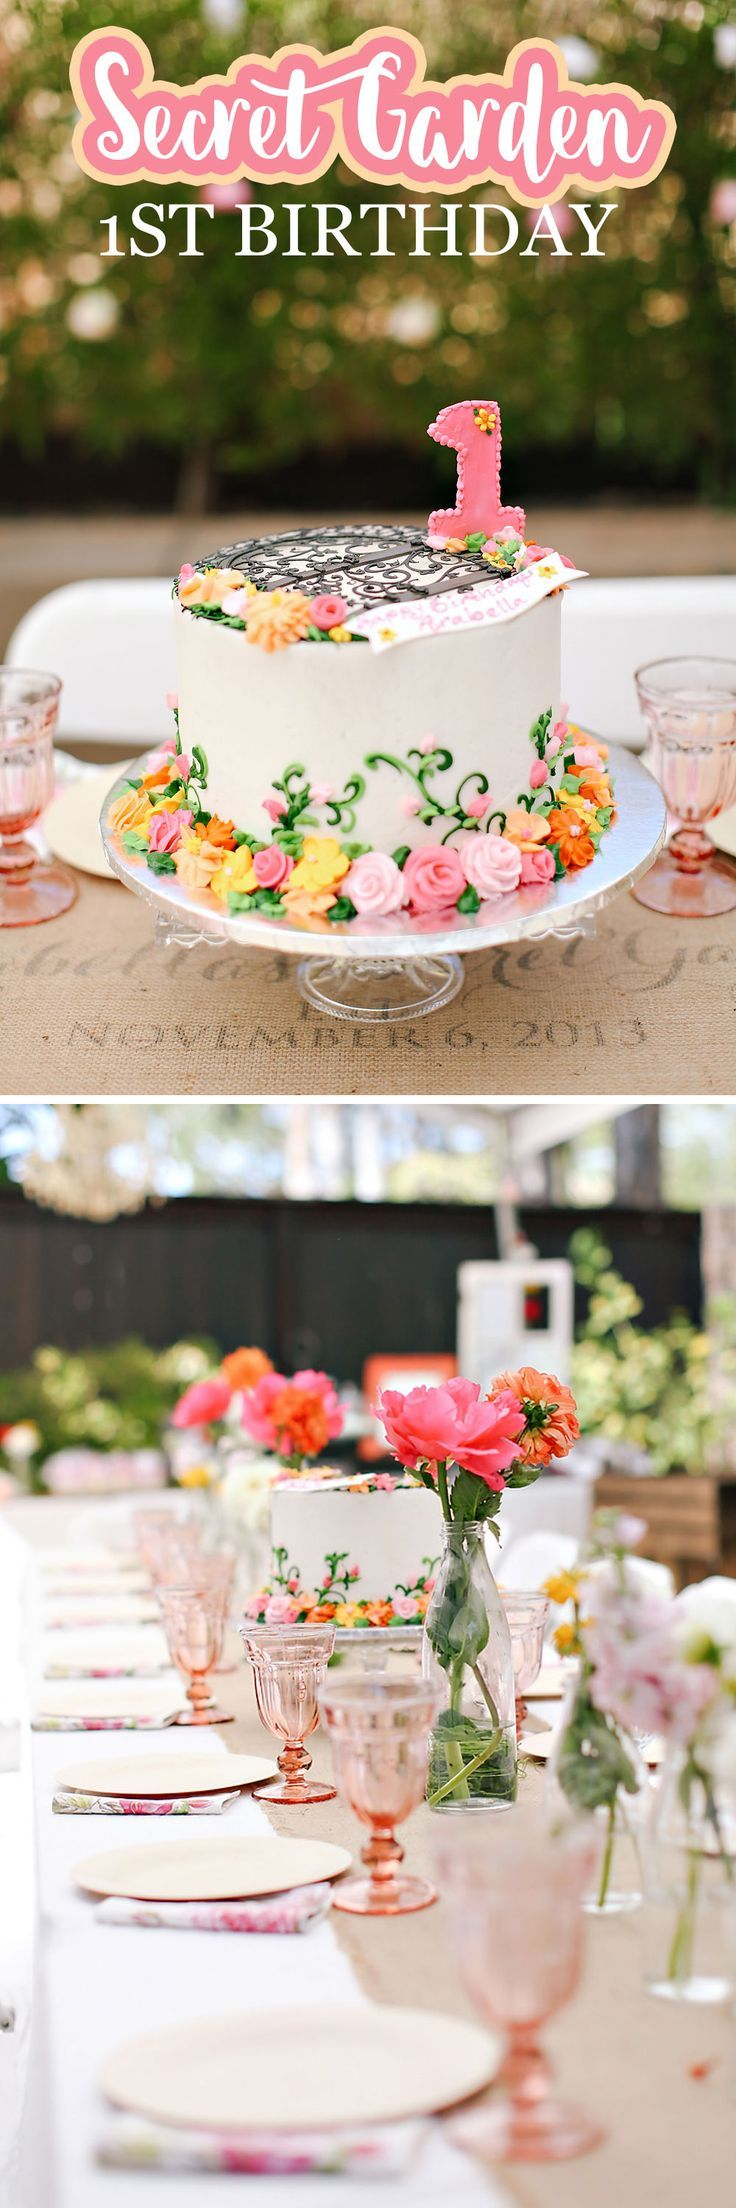 Secret Garden 1st Birthday Party Garden party birthday